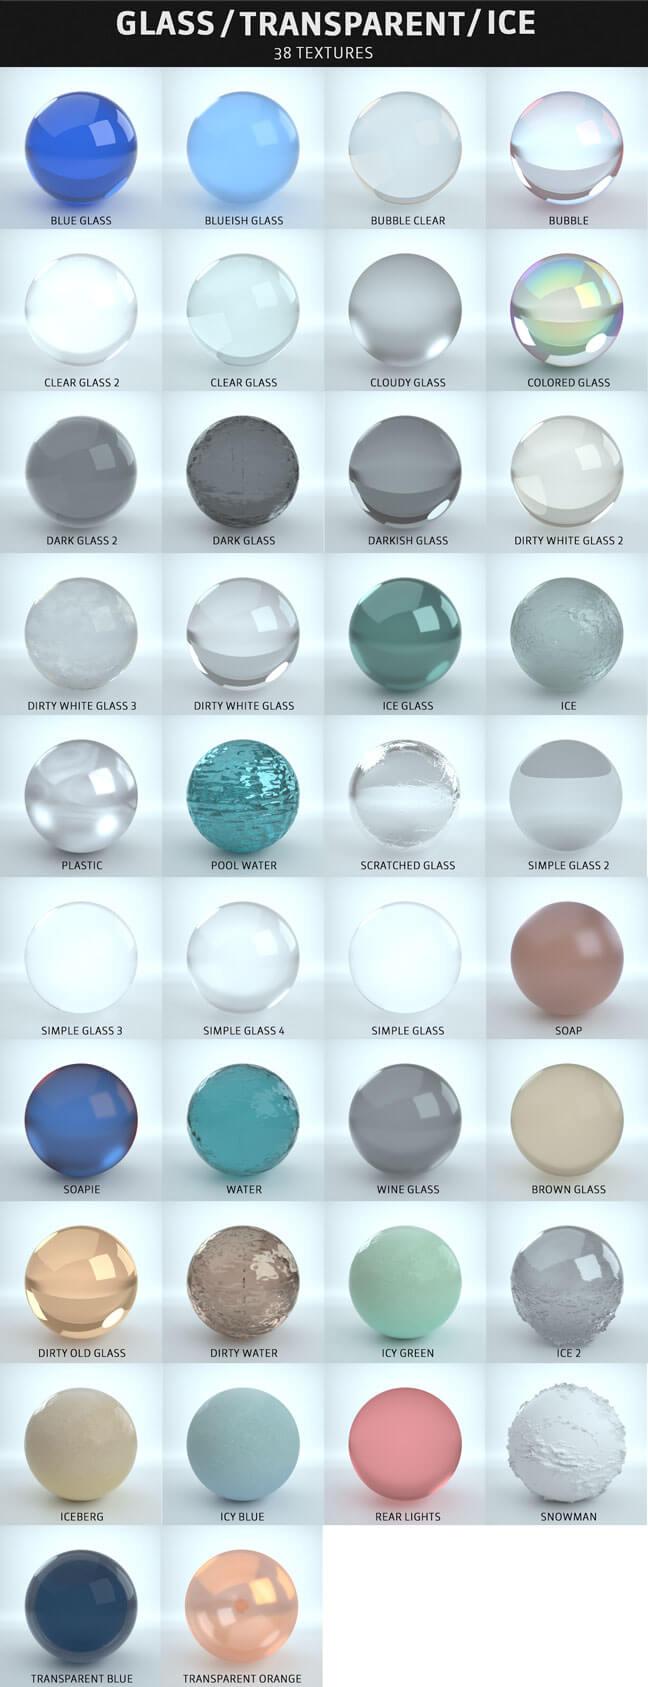 مجموعه کامل متریال های سینمافوردی برای رندر Octane - شیشه / شفاف / یخ